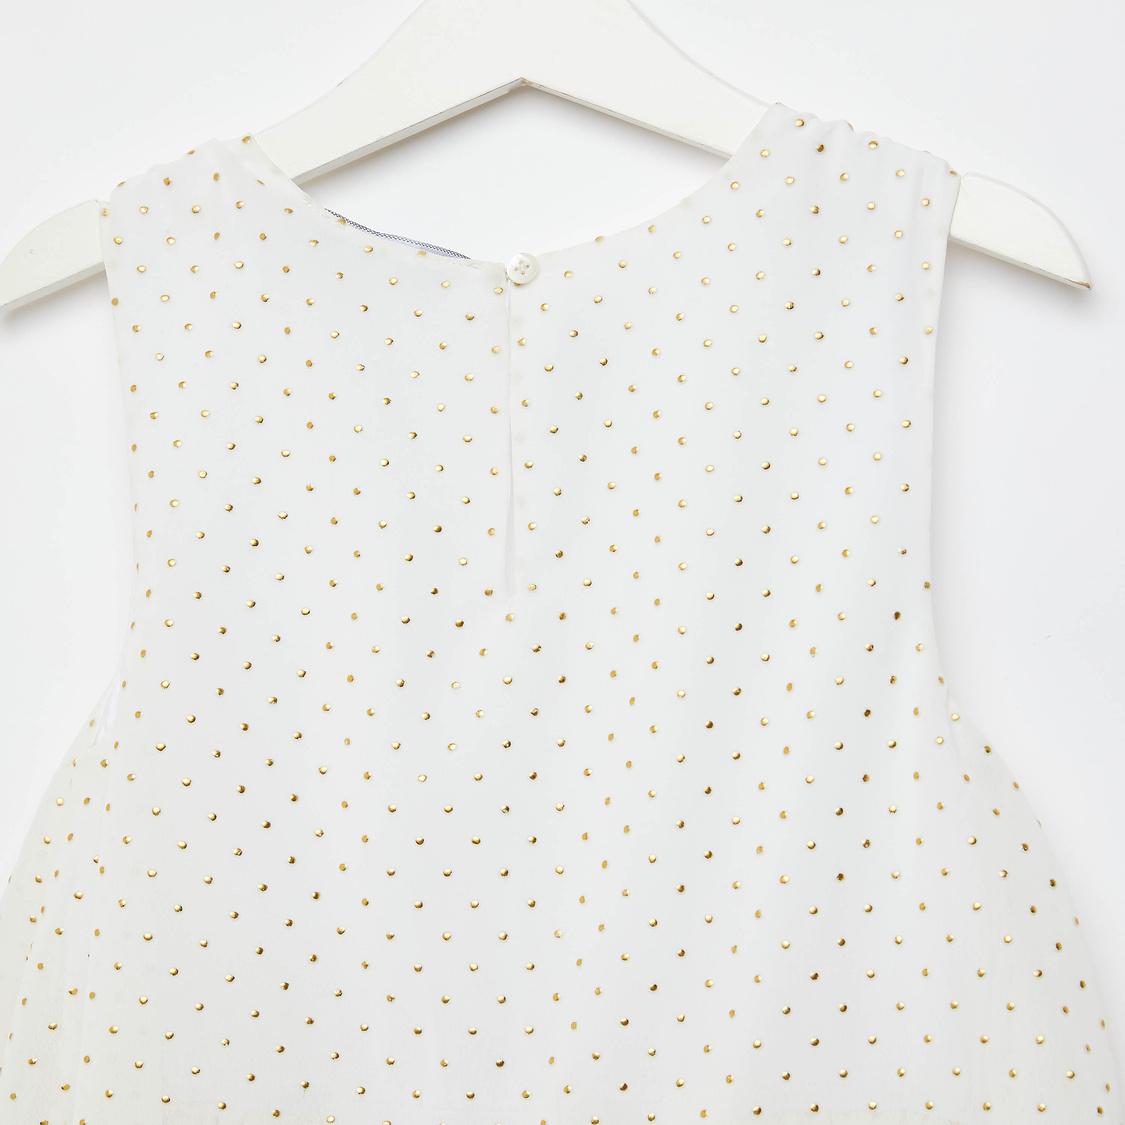 Stud Embellished Knee Length Pleated Sleeveless Dress